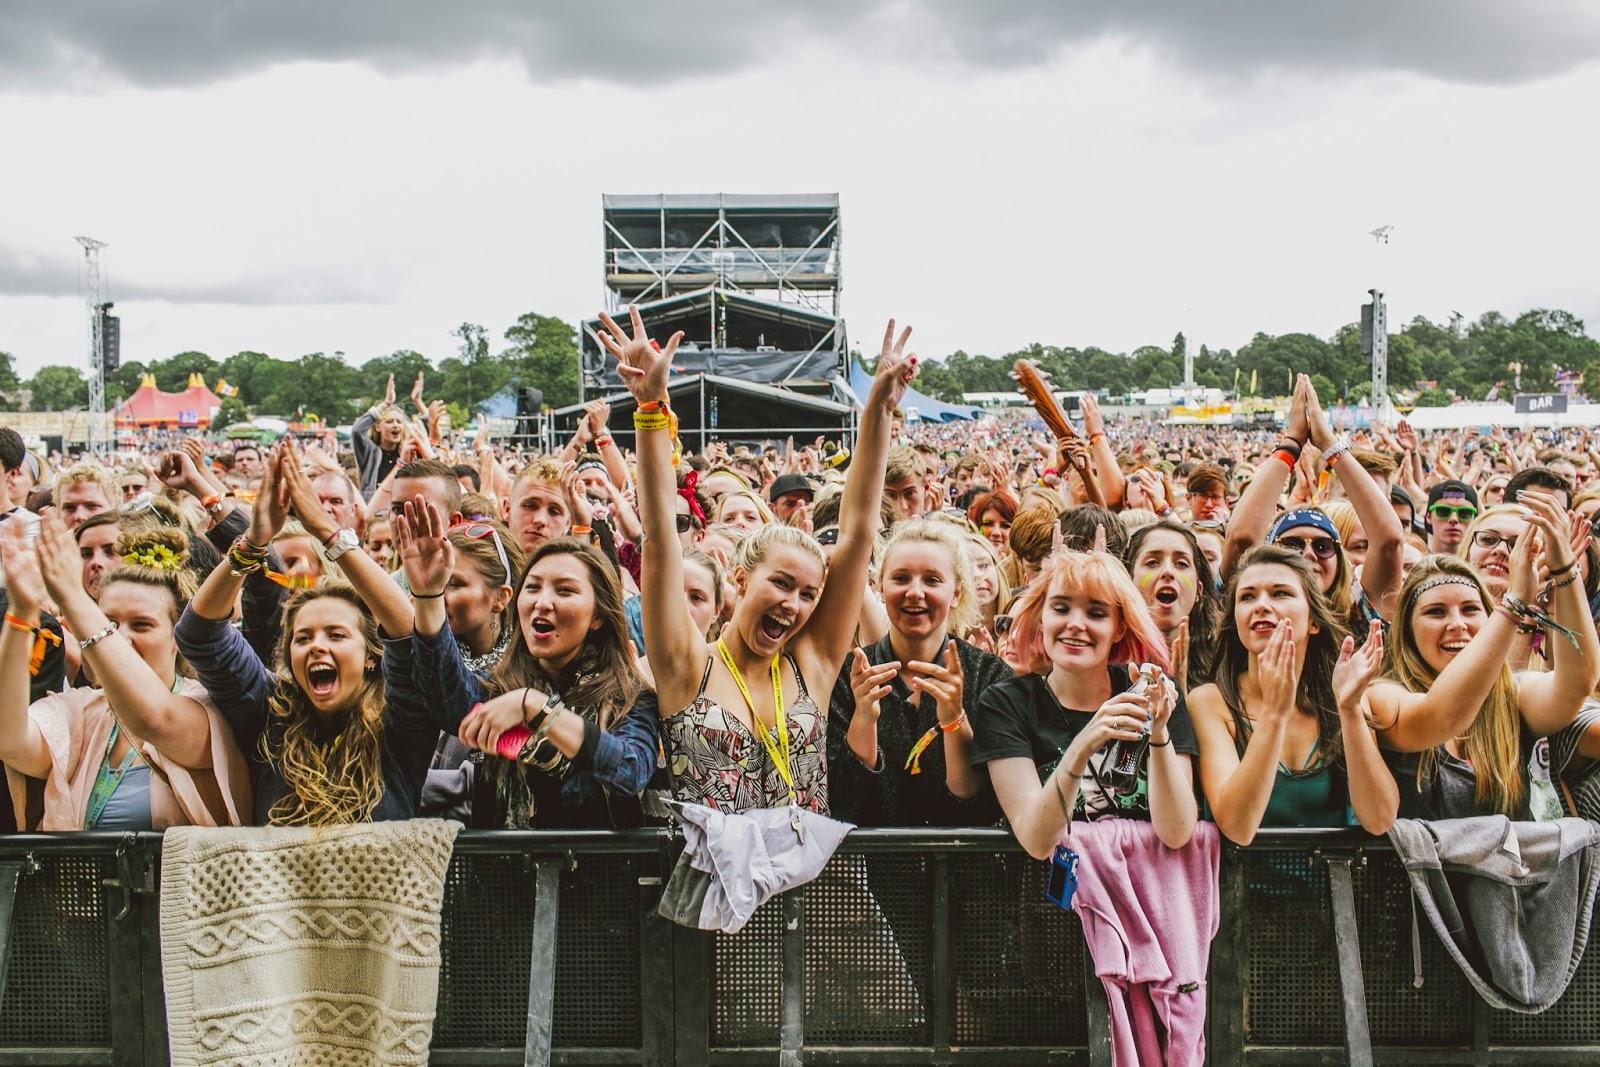 V Festival 2015 line up